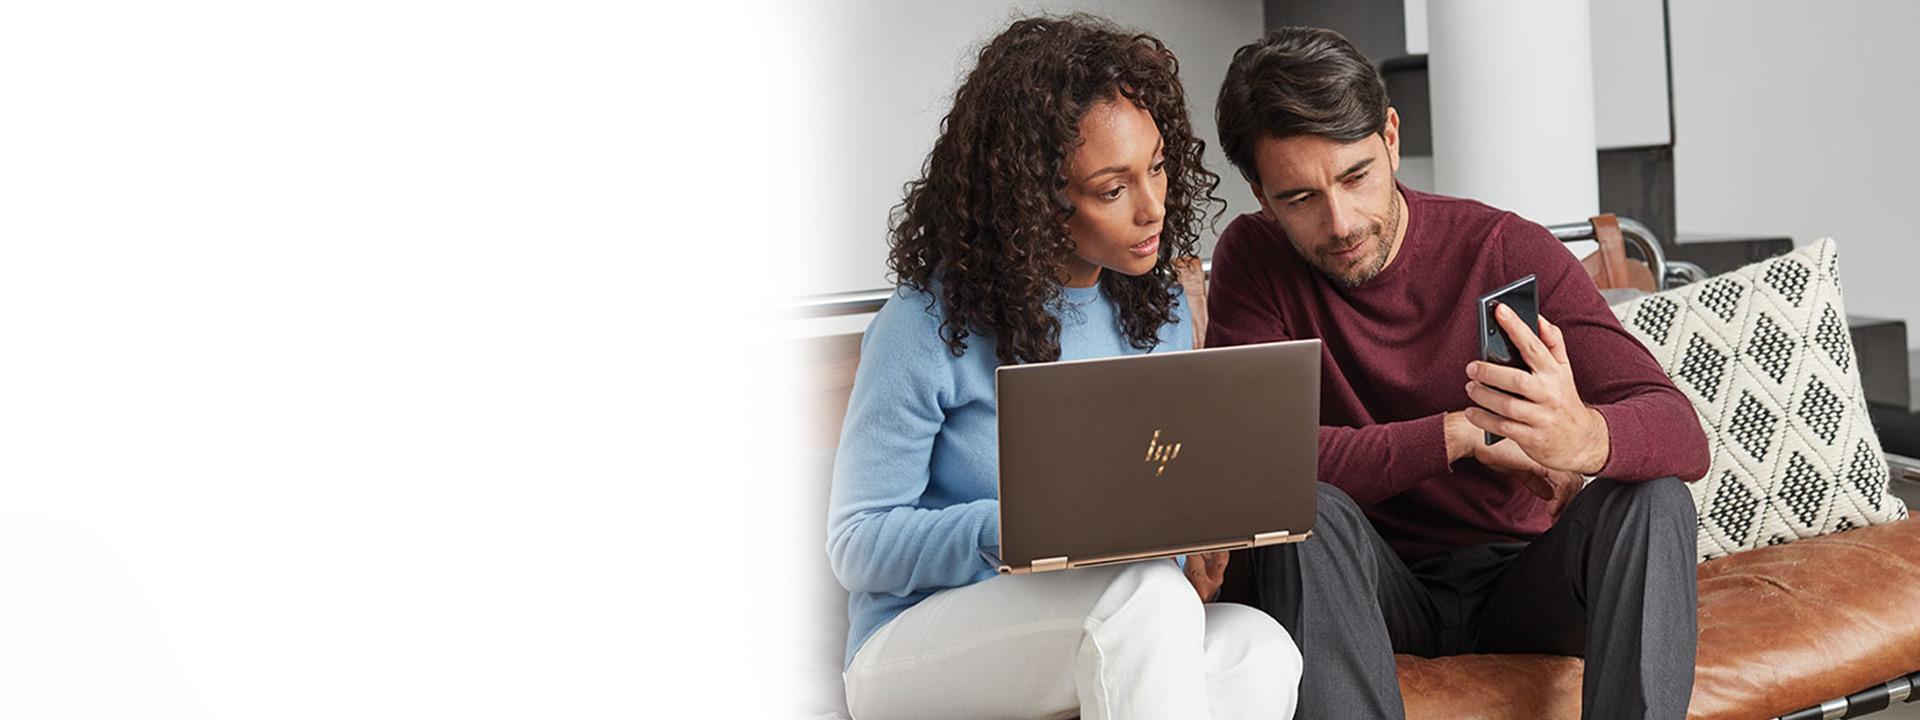 Een vrouw en een man zitten op een bank en kijken samen naar een Windows 10-laptop en een mobiel apparaat